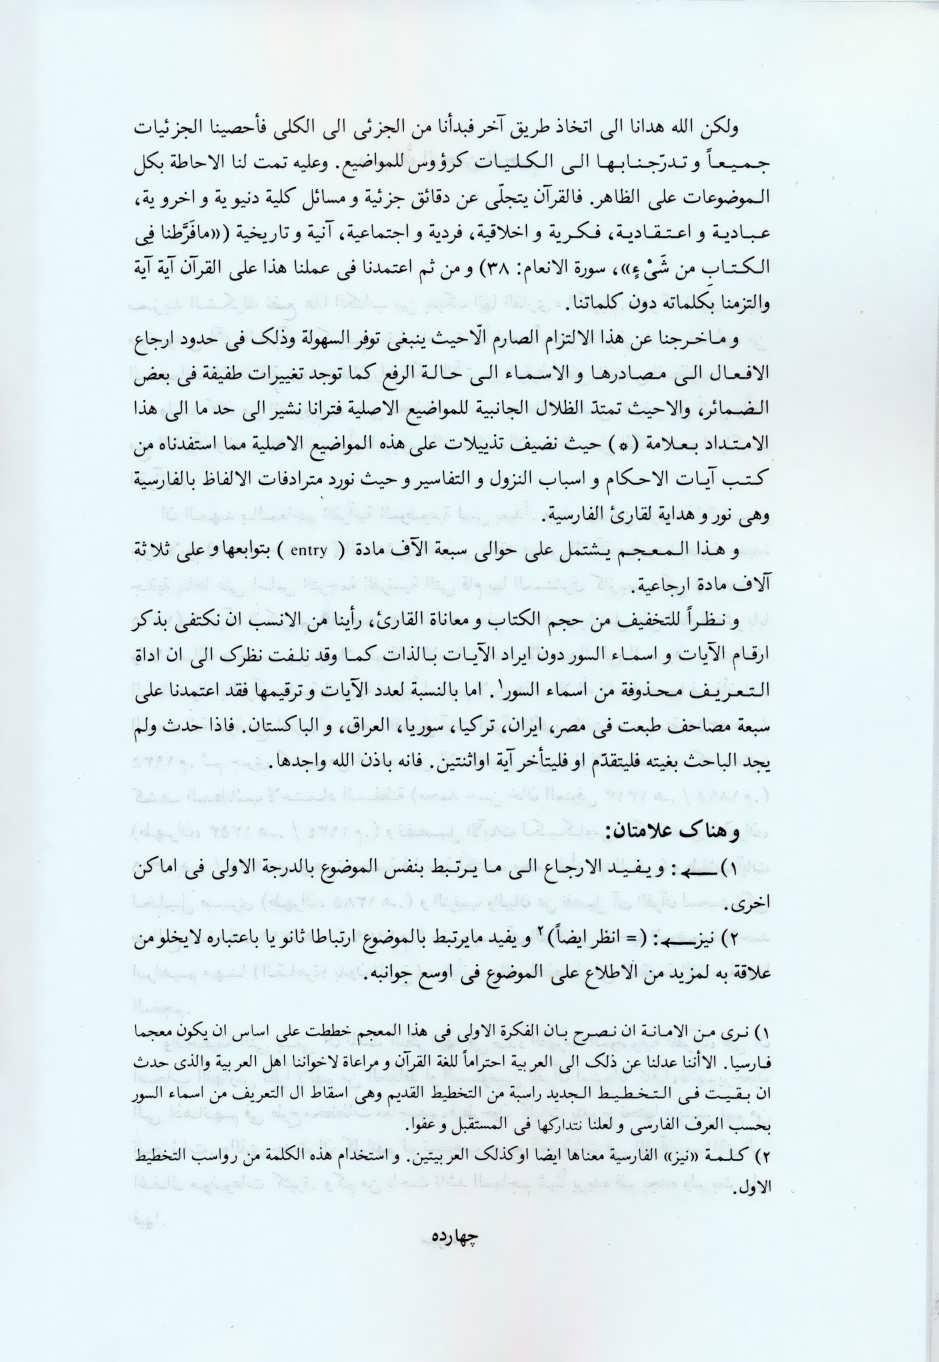 فرهنگ موضوعی قرآن مجید (الفهوس الموضوعی للقرآن الکریم)